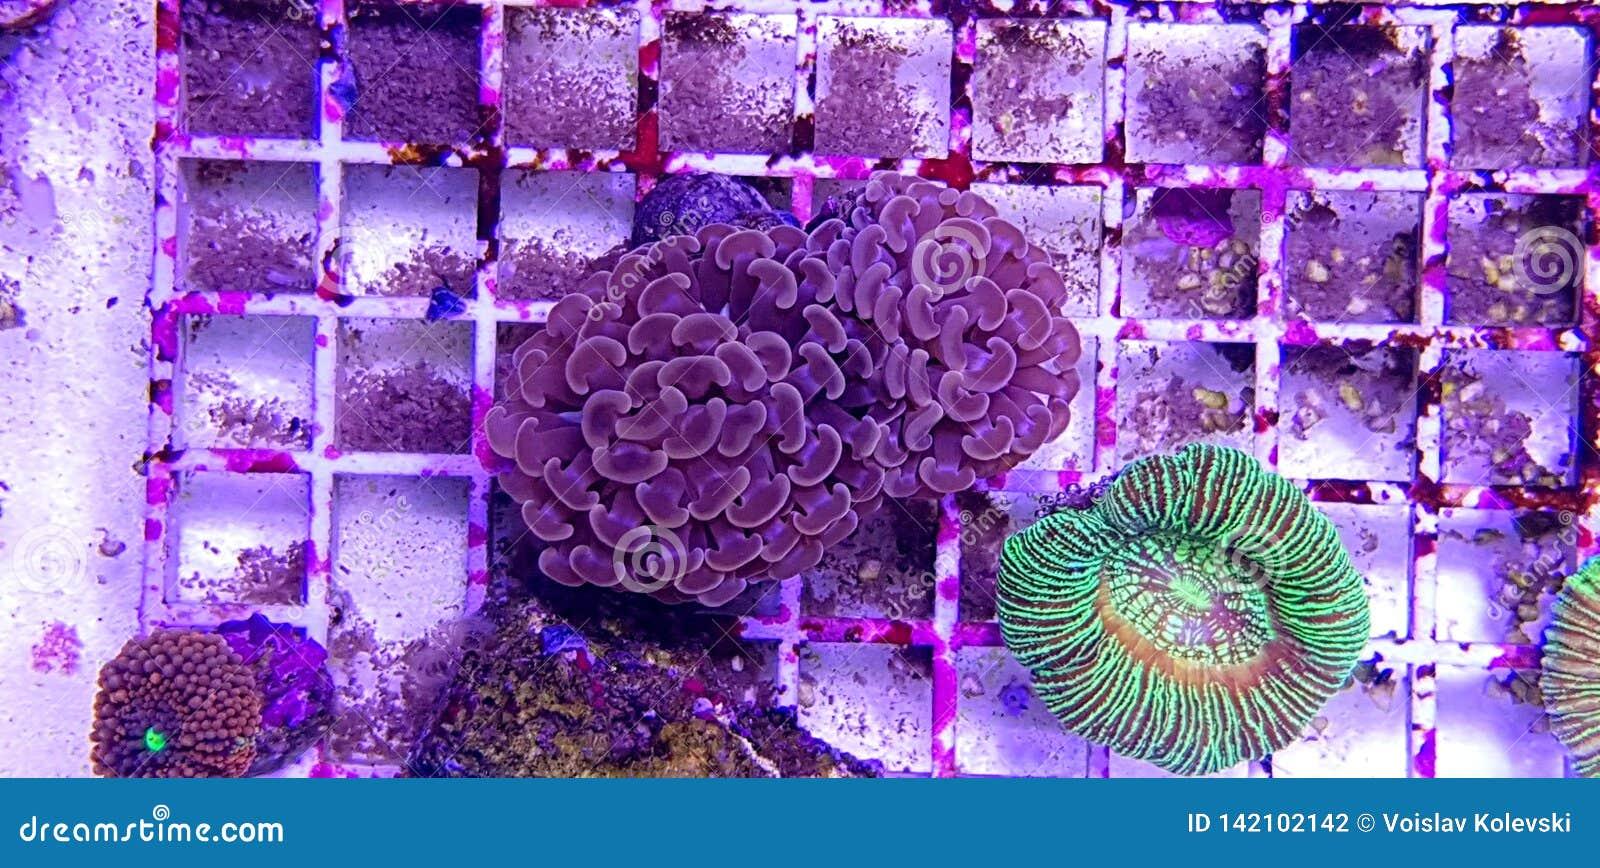 Groot de Poliep Steenachtig koraal van Euphylliaspecies in het aquarium van de zoutwaterertsader